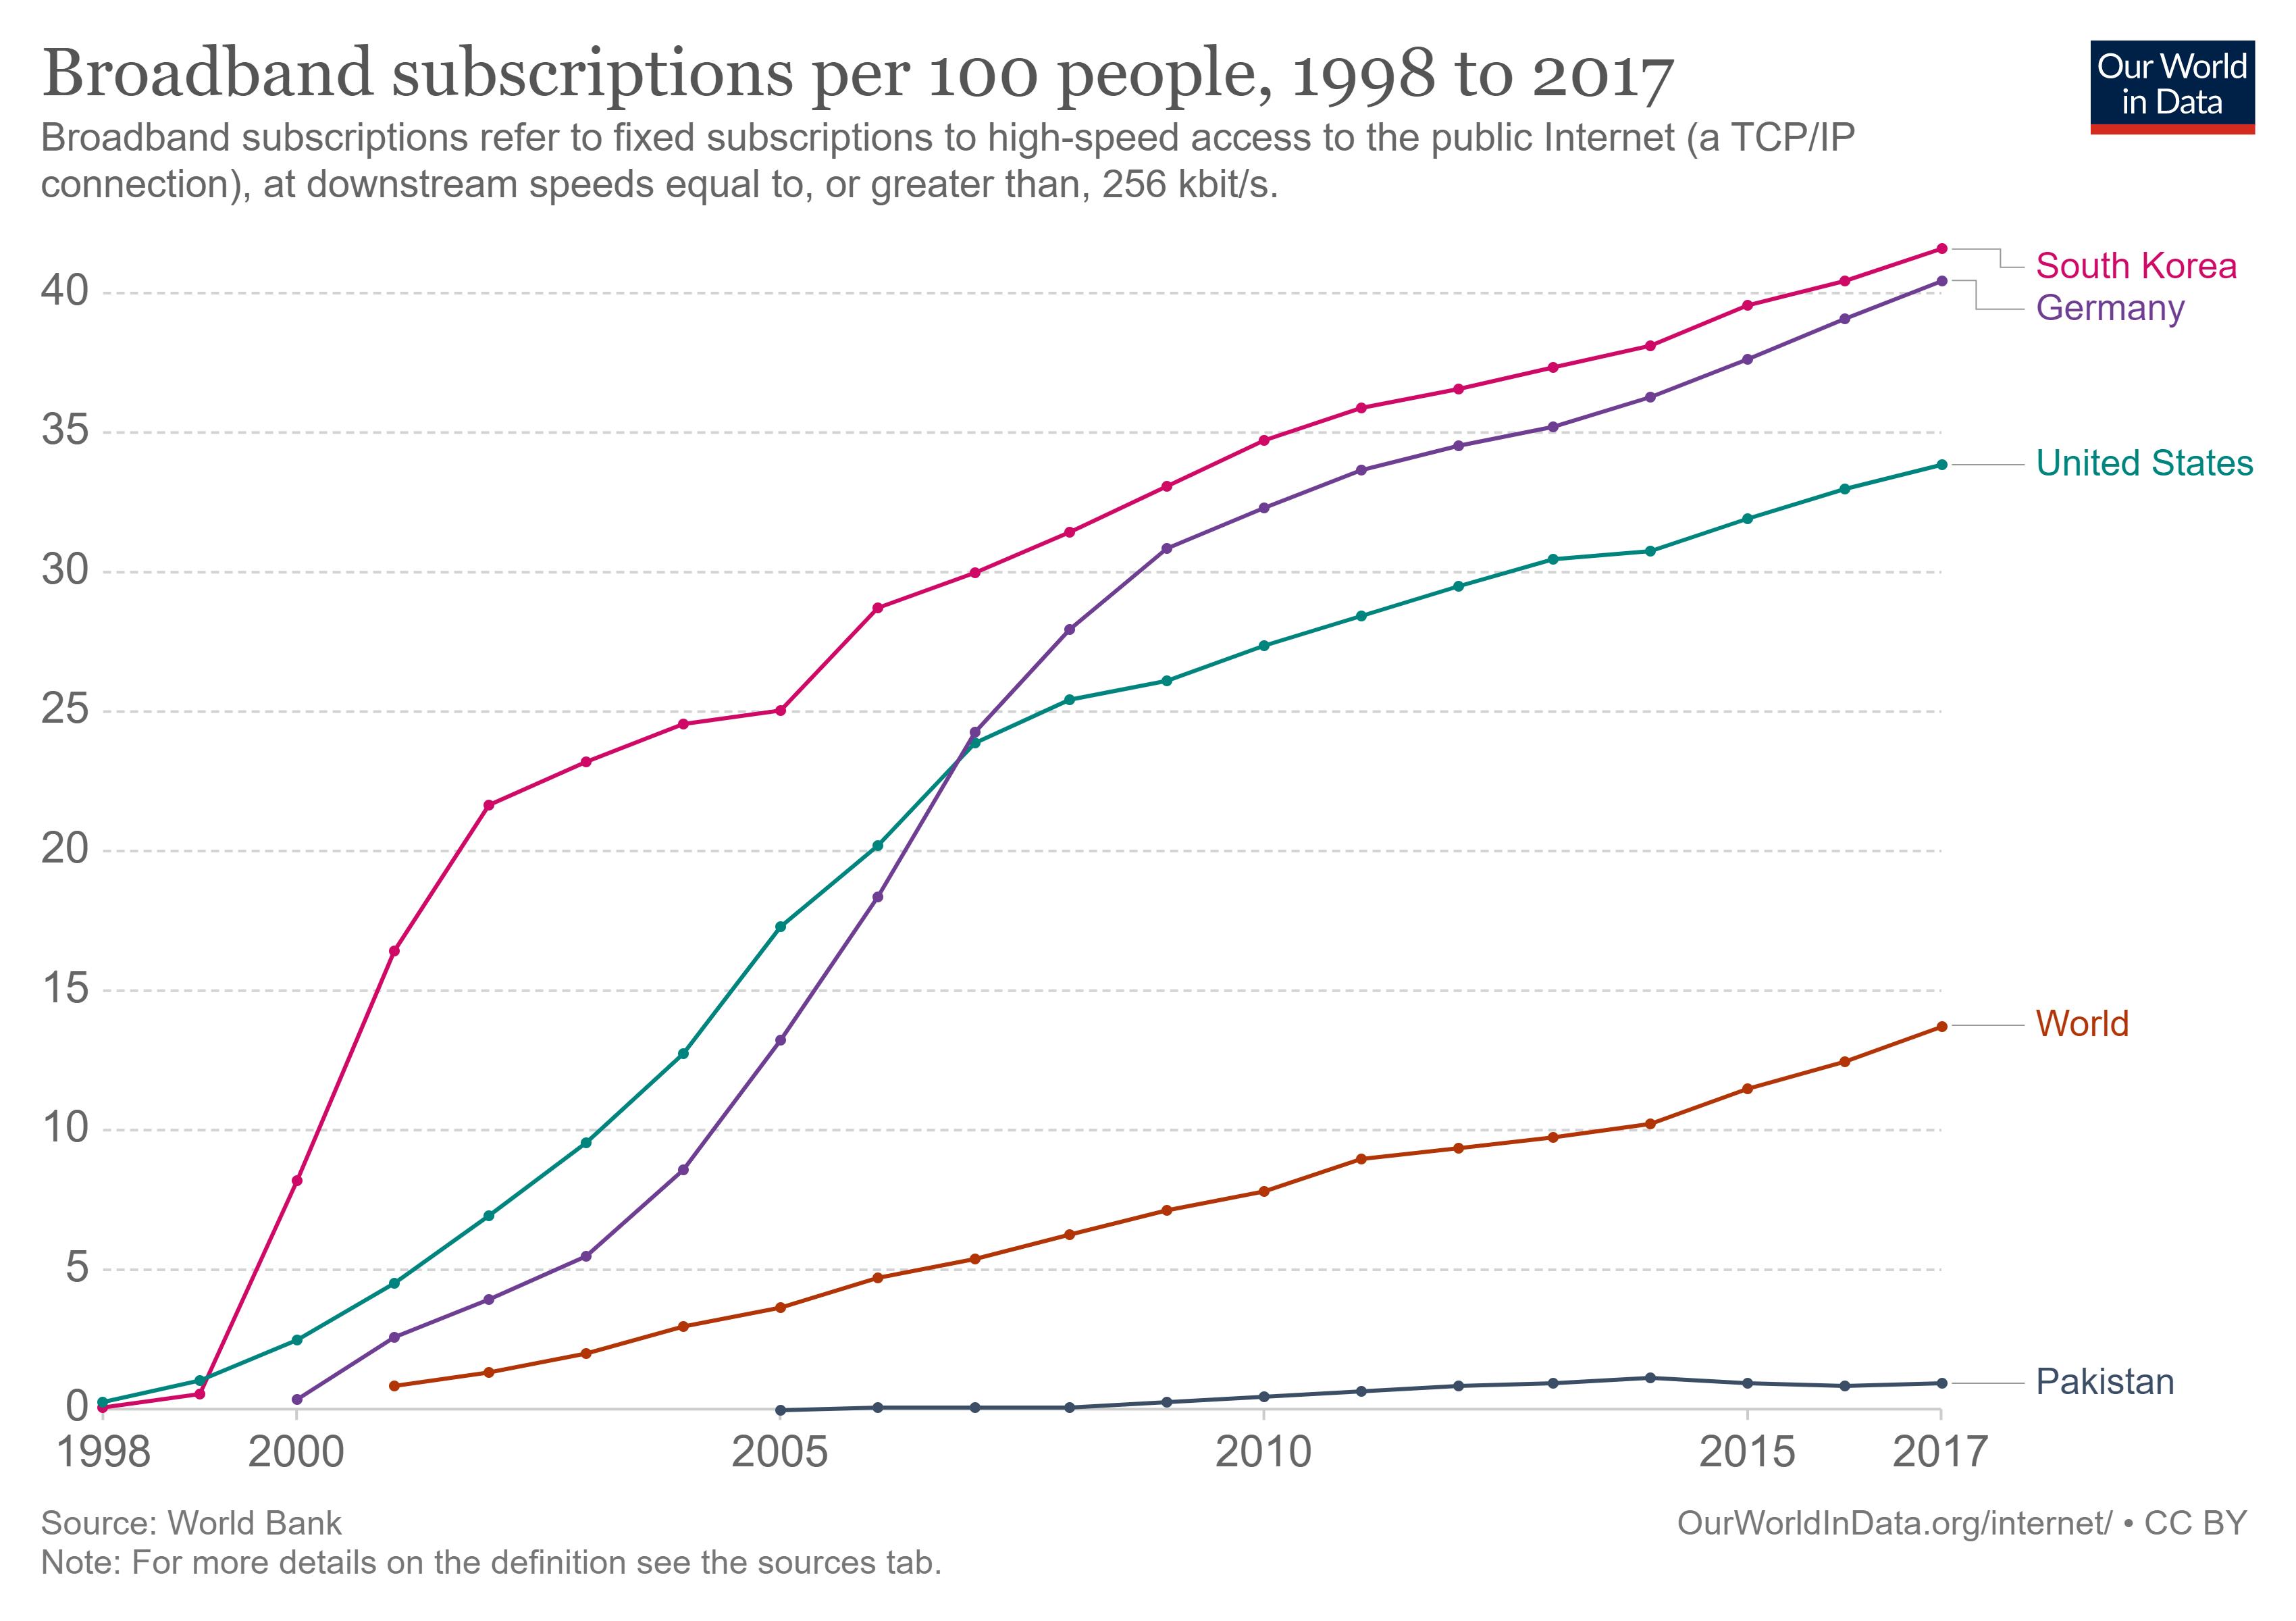 Le nombre d'abonnements haut débit fixe pour 100 personnes